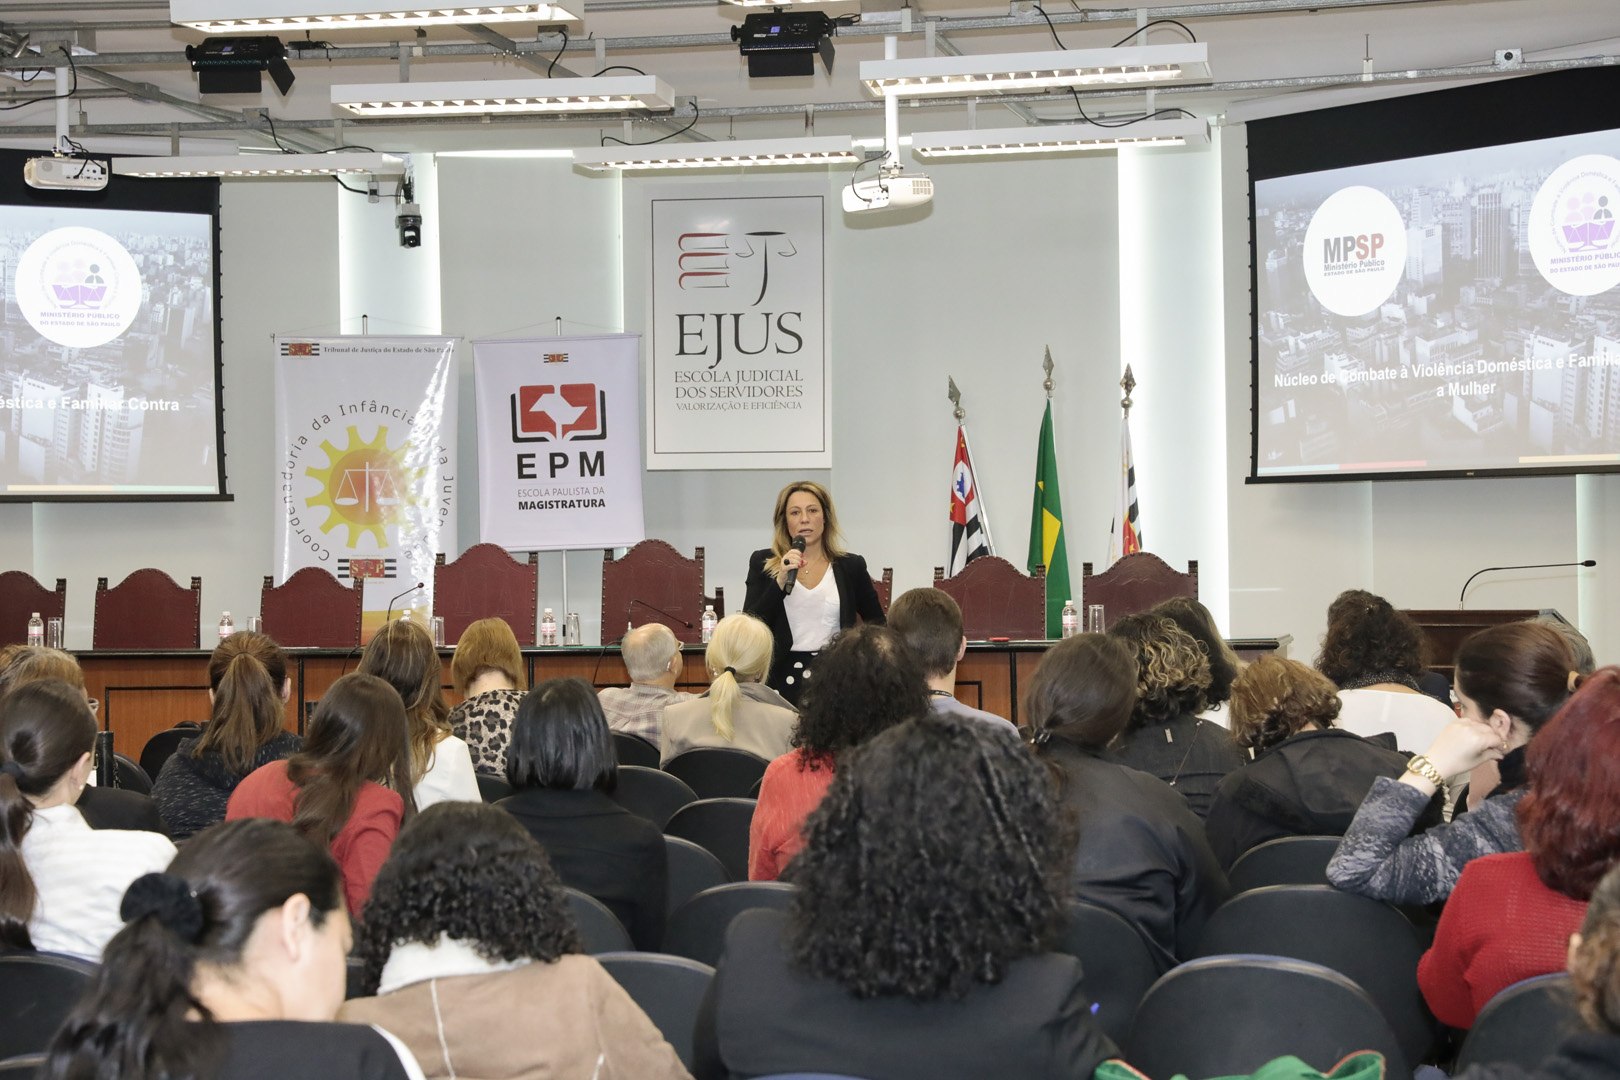 Coordenadoria da Infância e Juventude e EPM promovem seminário sobre pornografia infantil